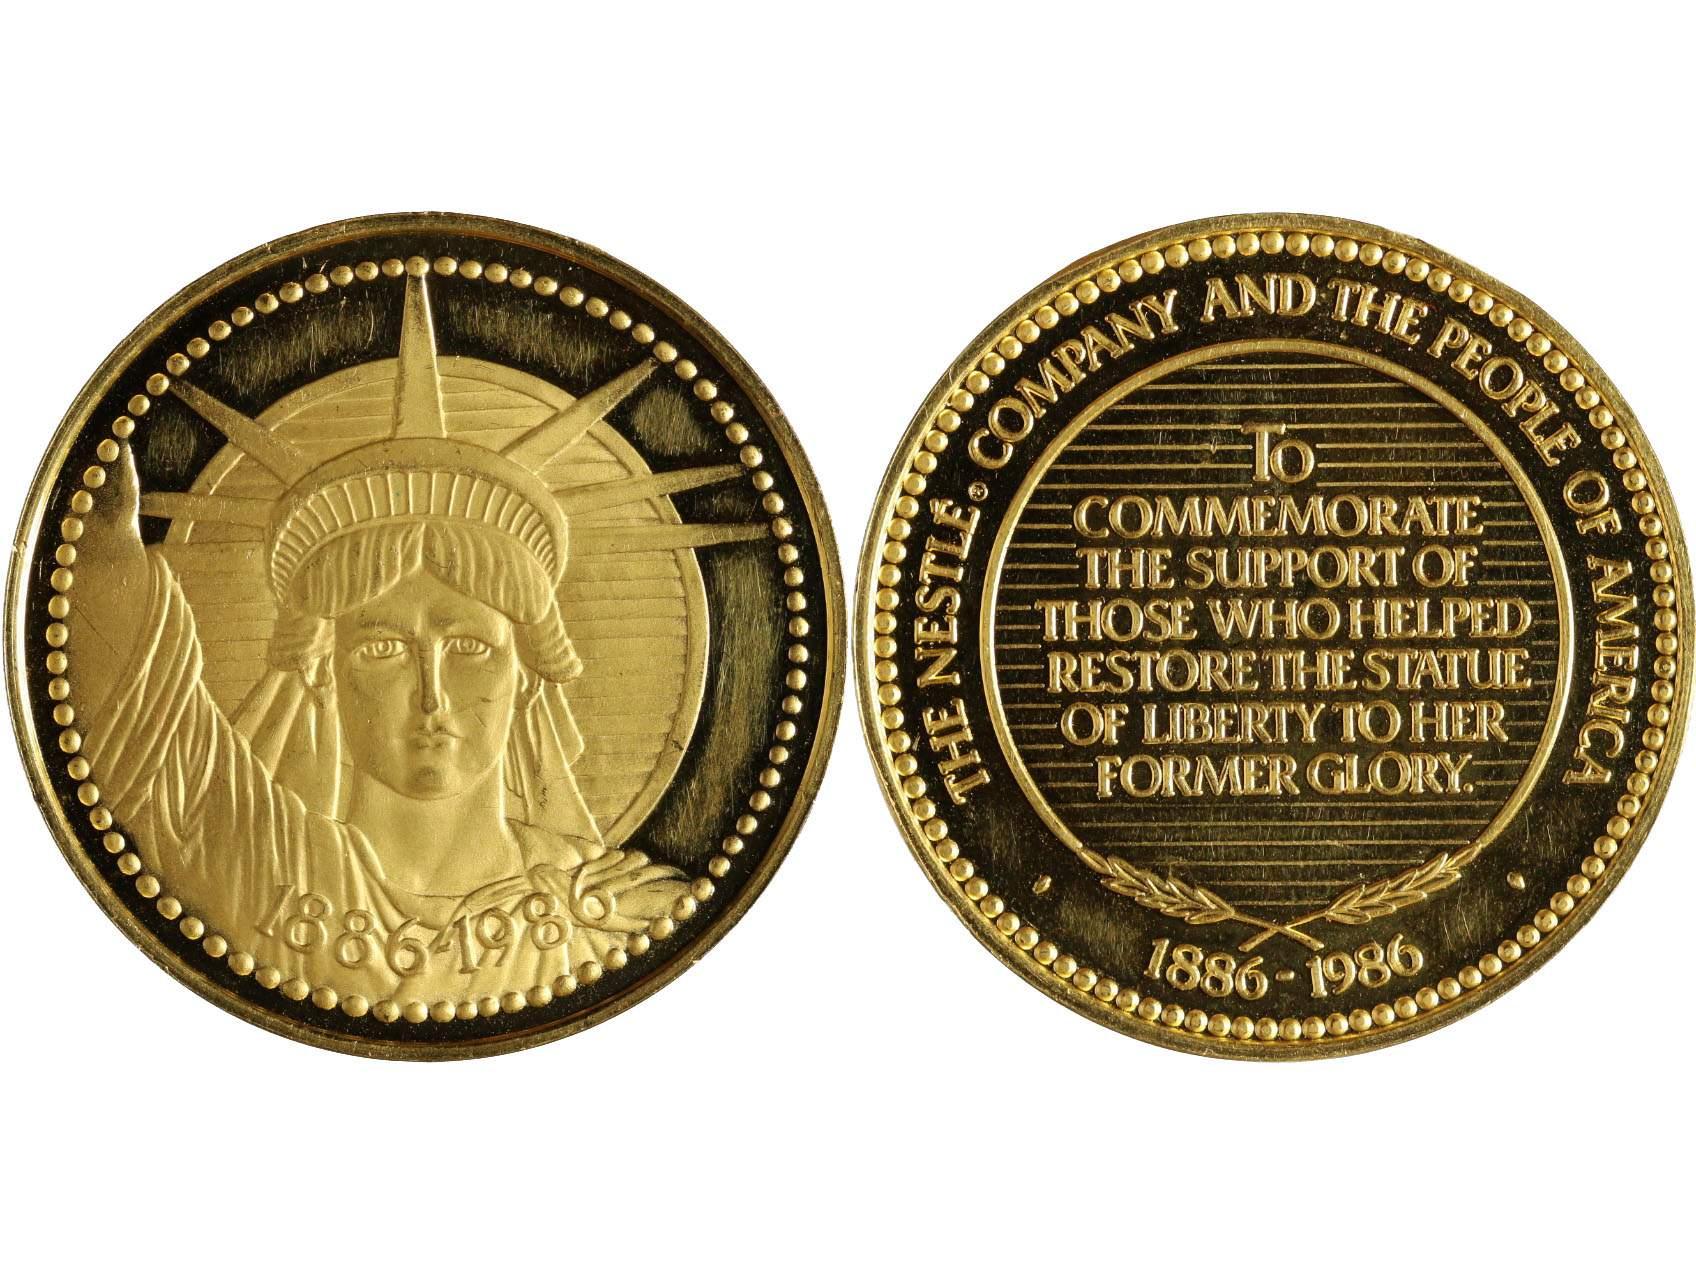 USA, medaile na obnovu sochy svobody 1886 - 1986 the Nestlé, Au 31,72g